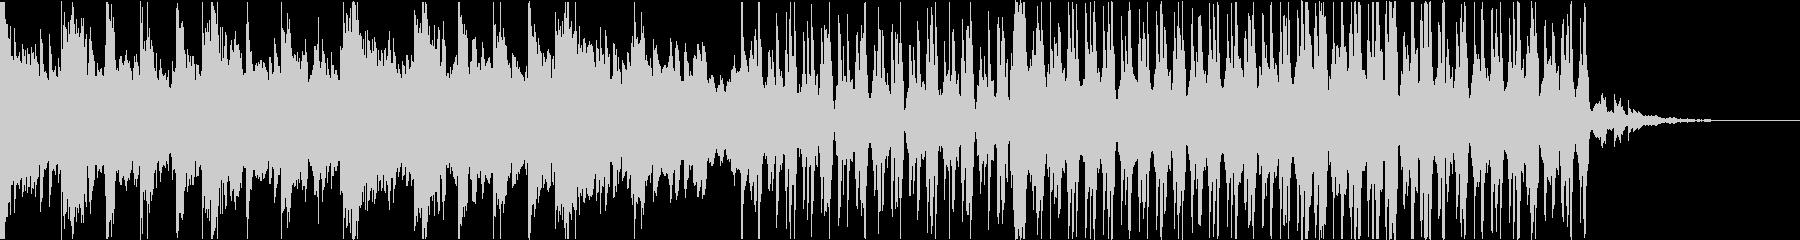 ダークで綺麗なEDMの未再生の波形